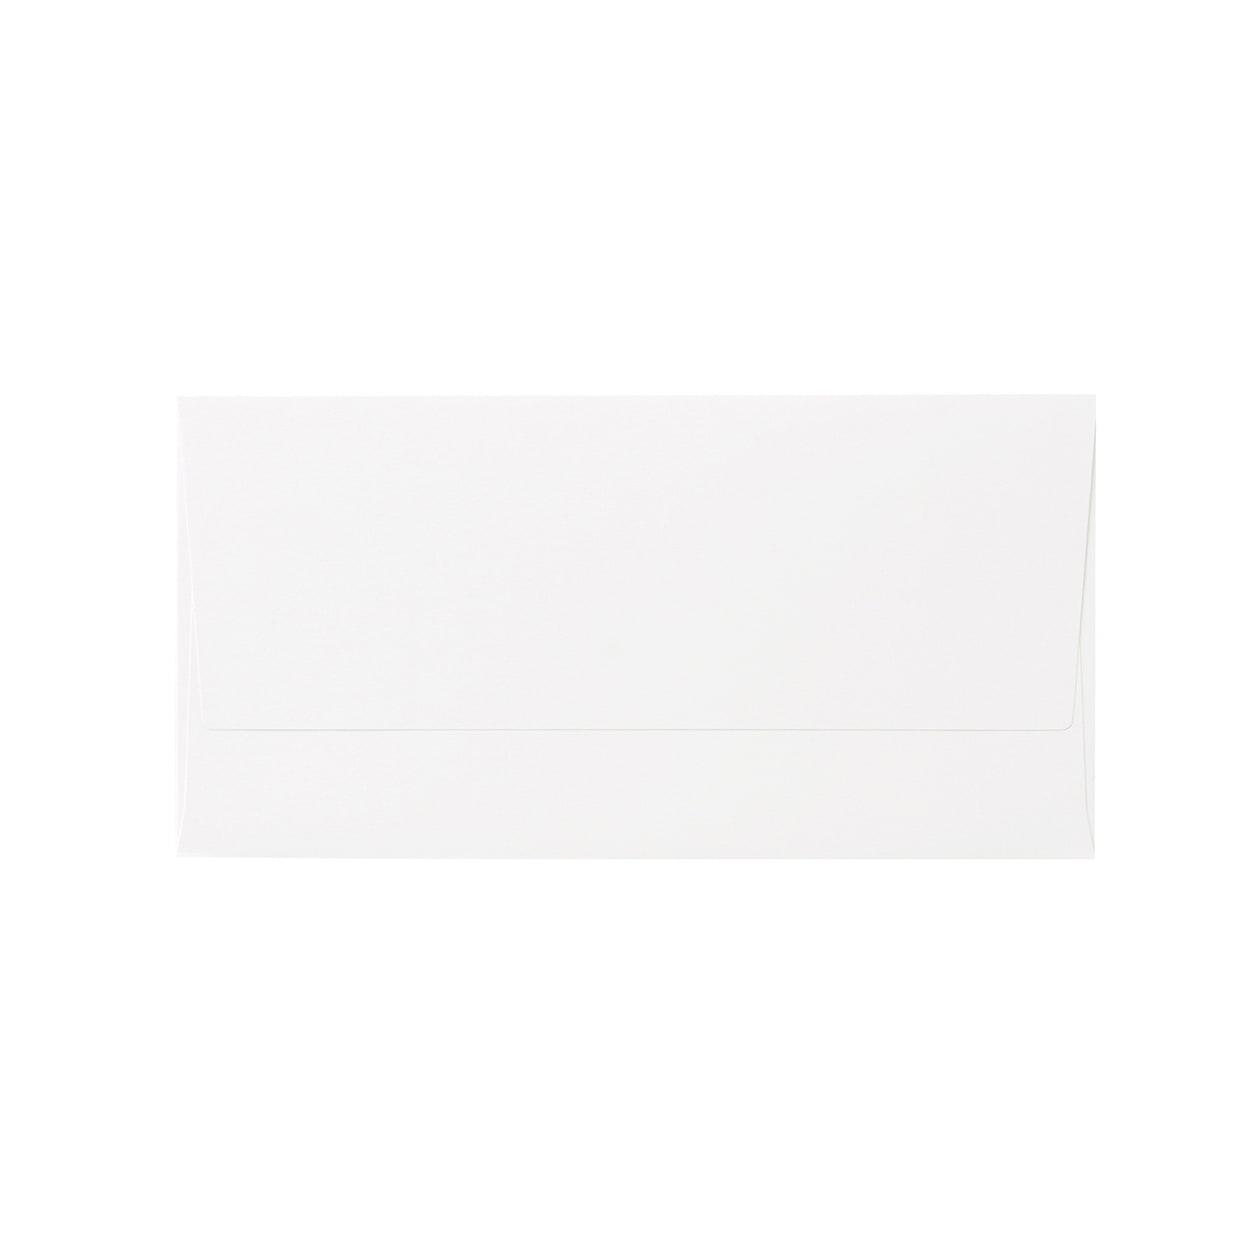 商品券袋 マットコート 127.9g